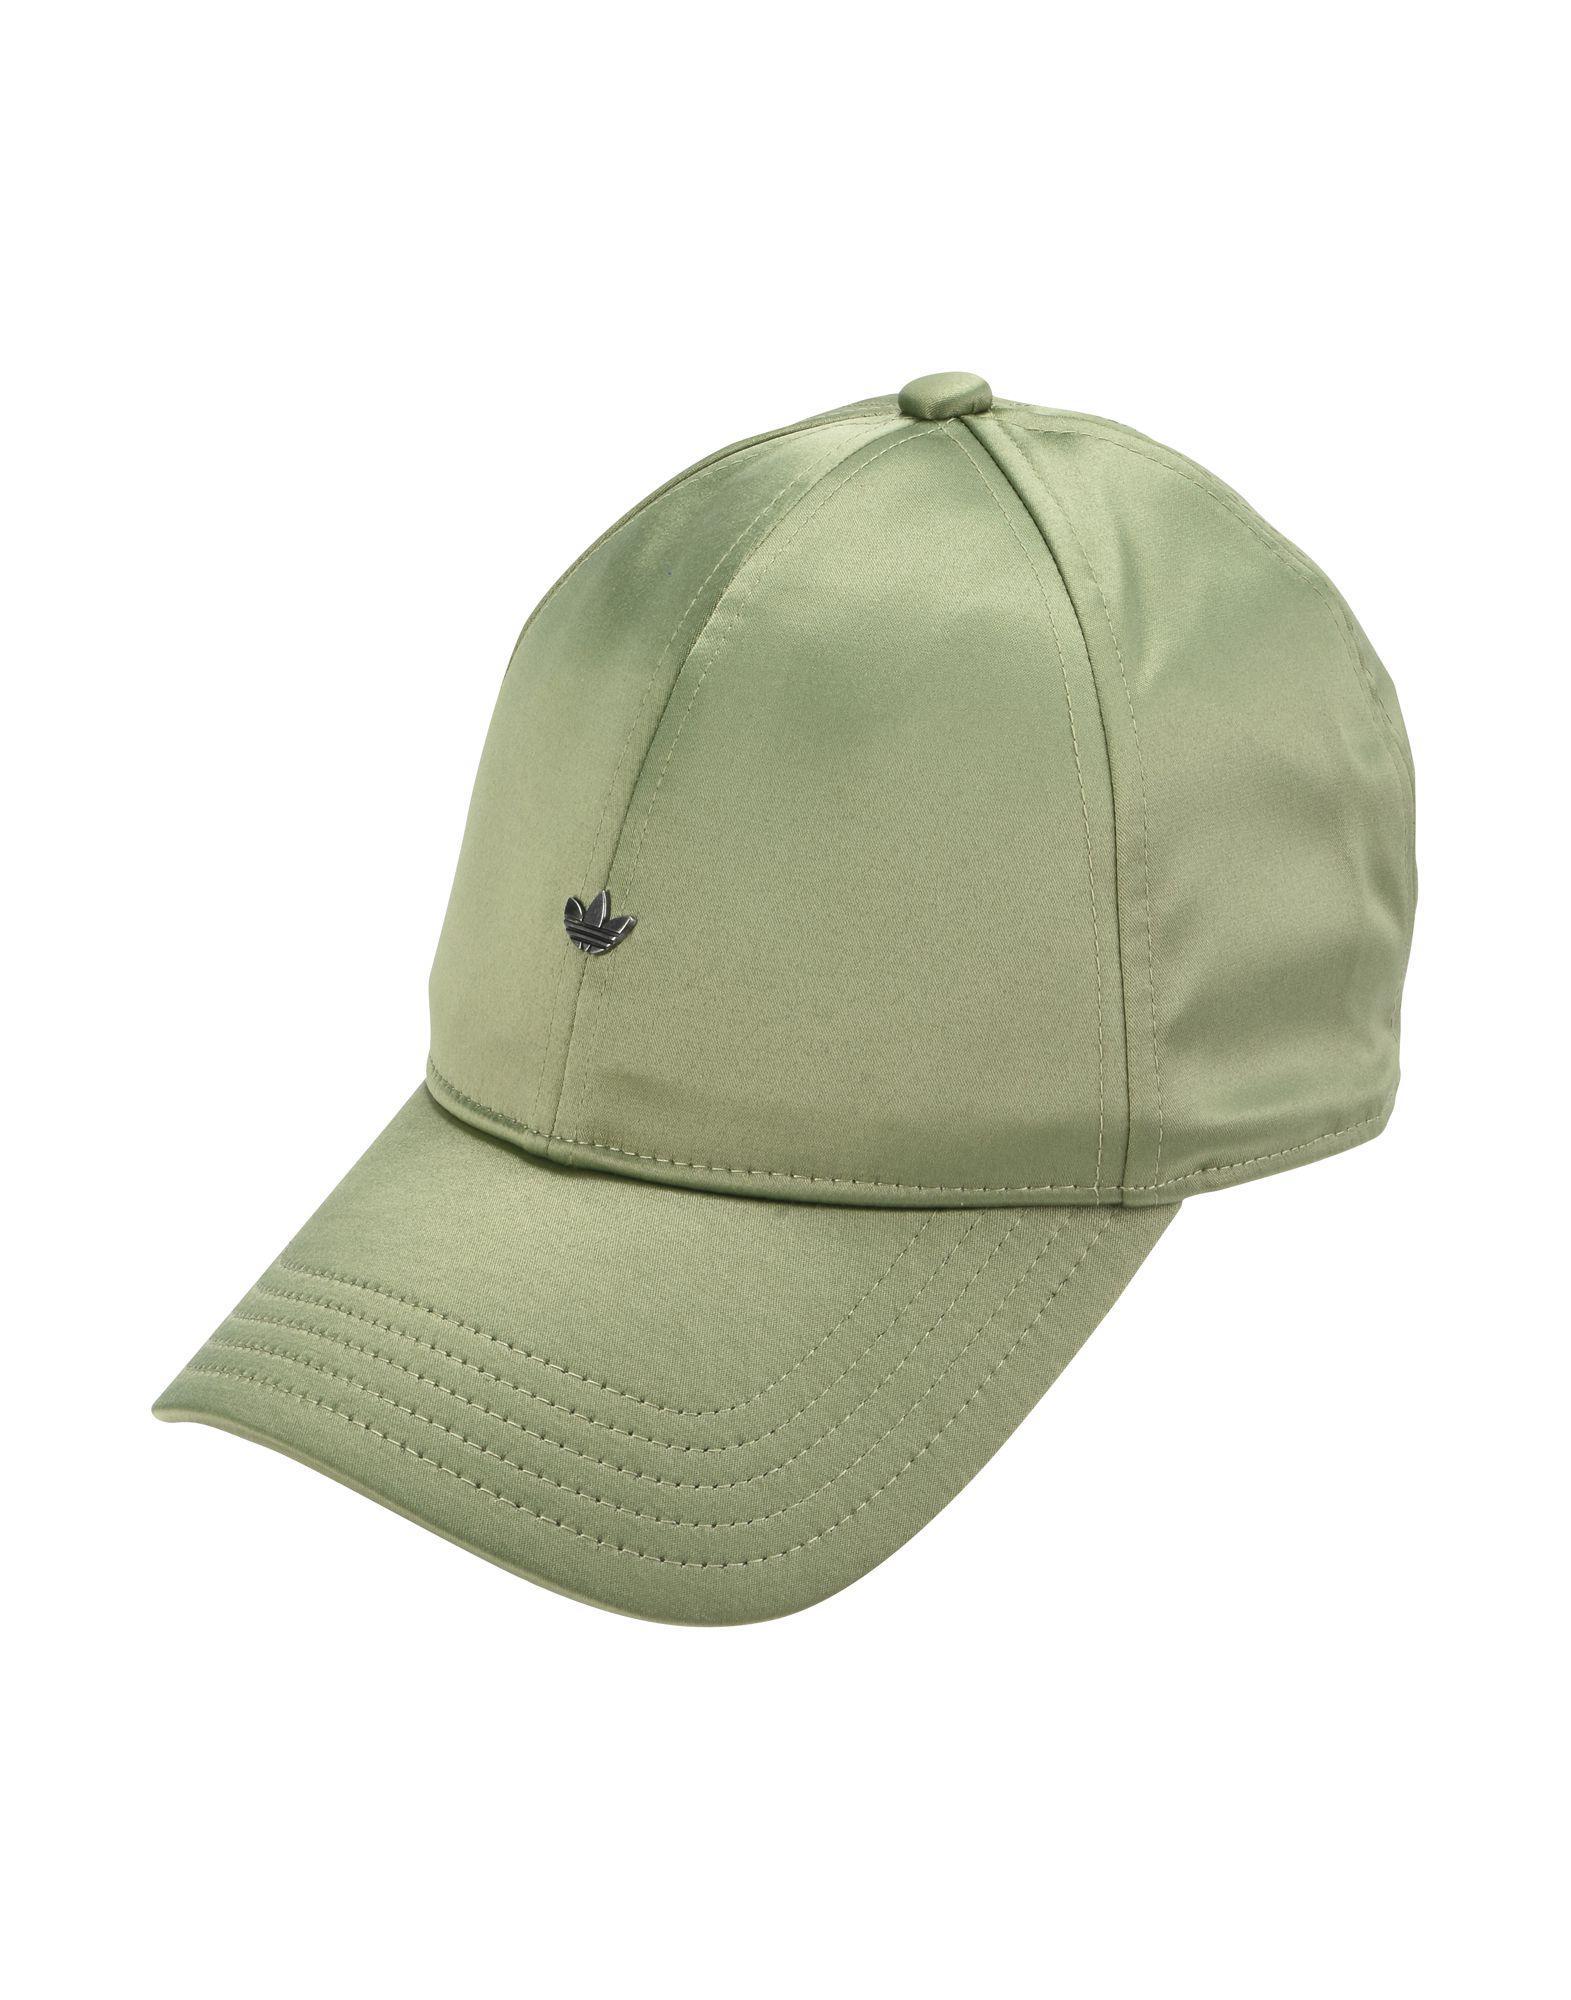 5895cbe646c6c Adidas Originals Hat in Green for Men - Lyst